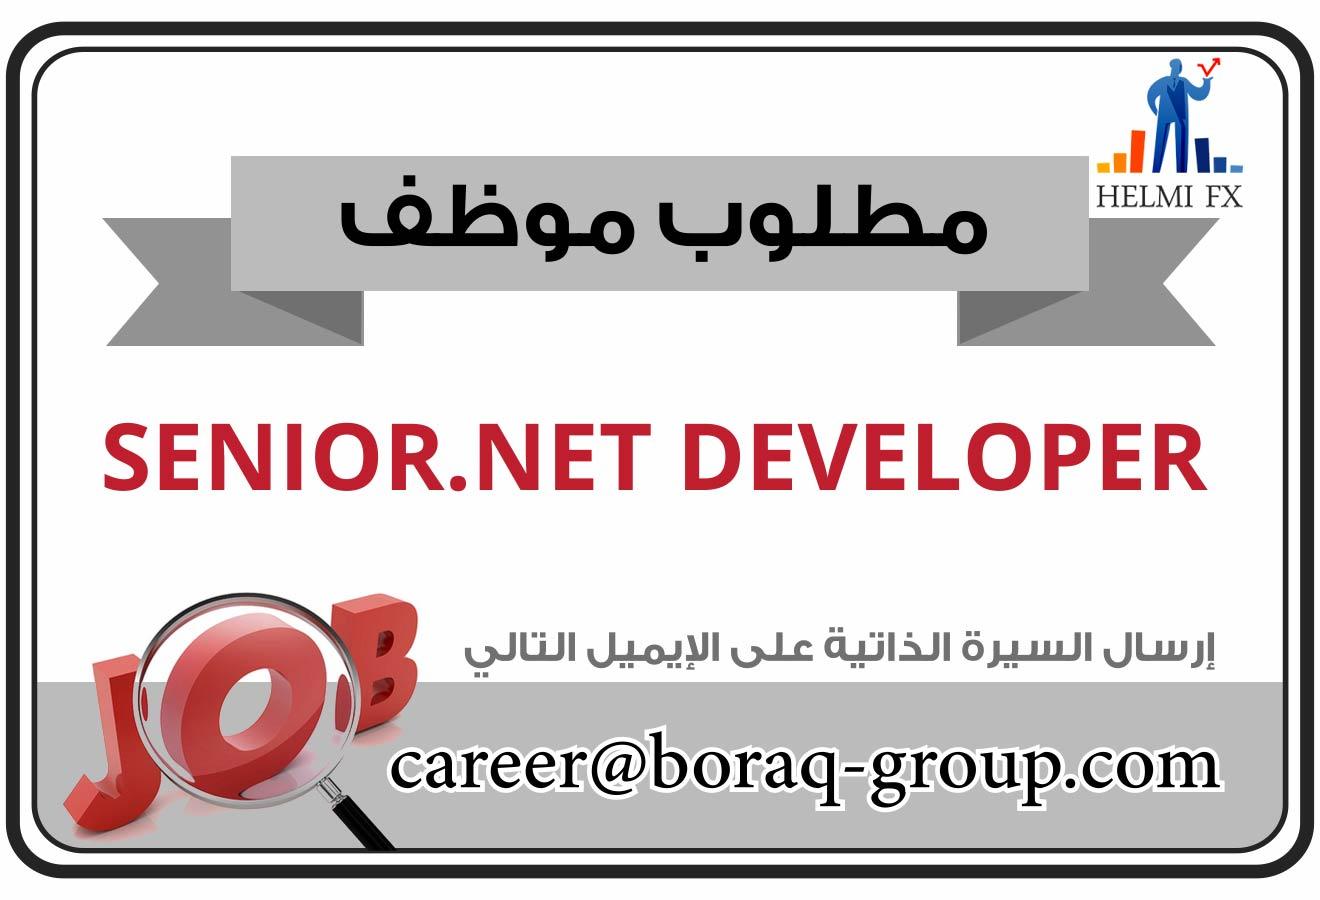 مطلوب .net developer لشركة في اسطنبول